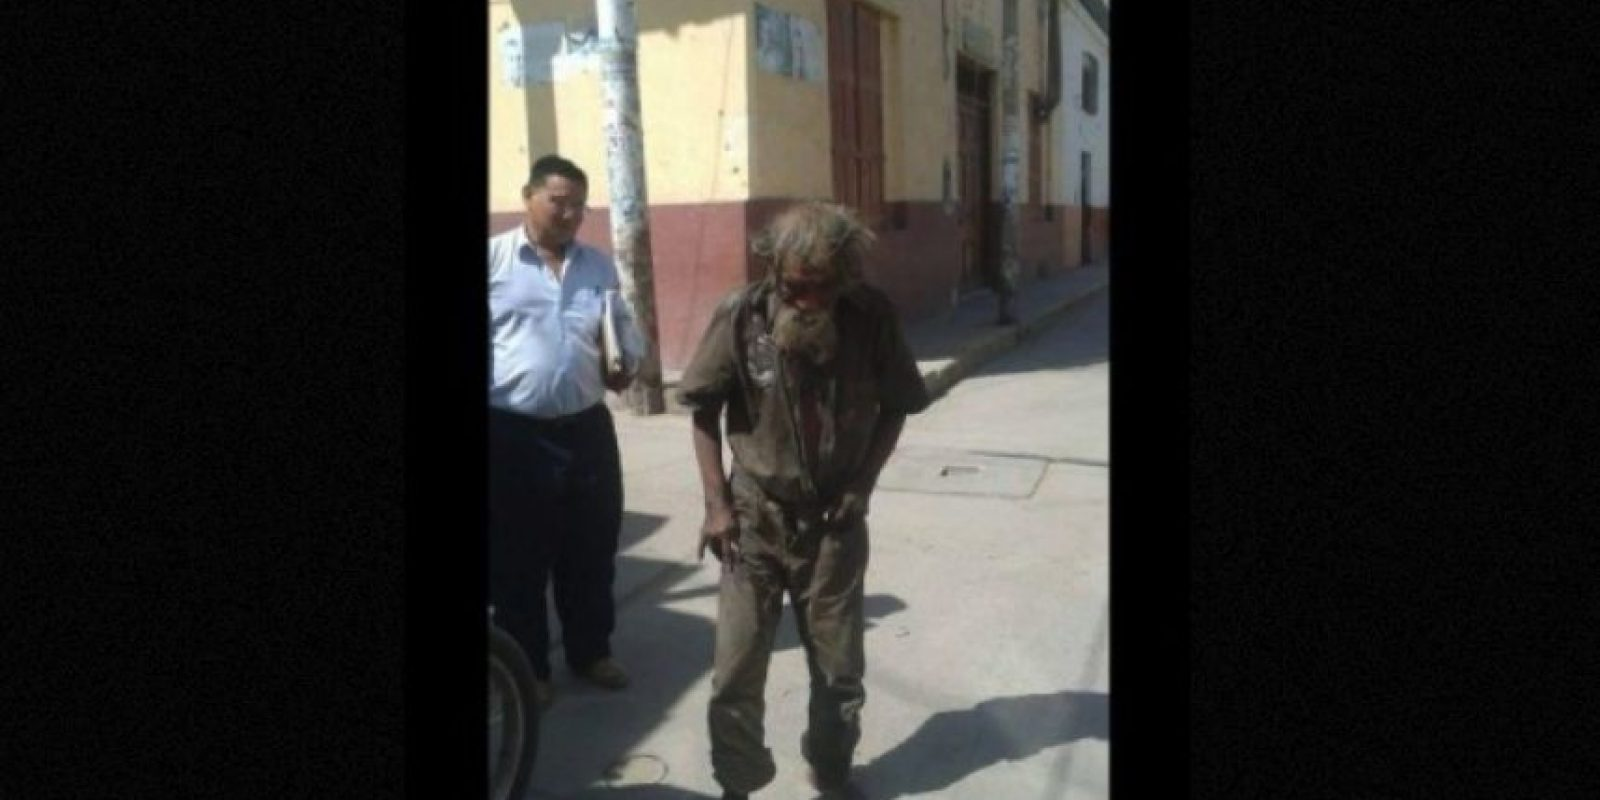 """Habitantes de un pueblo regalan un """"cambio de imagen"""" a un indigente Foto:facebook.com/municipalidaddeferrenafe"""